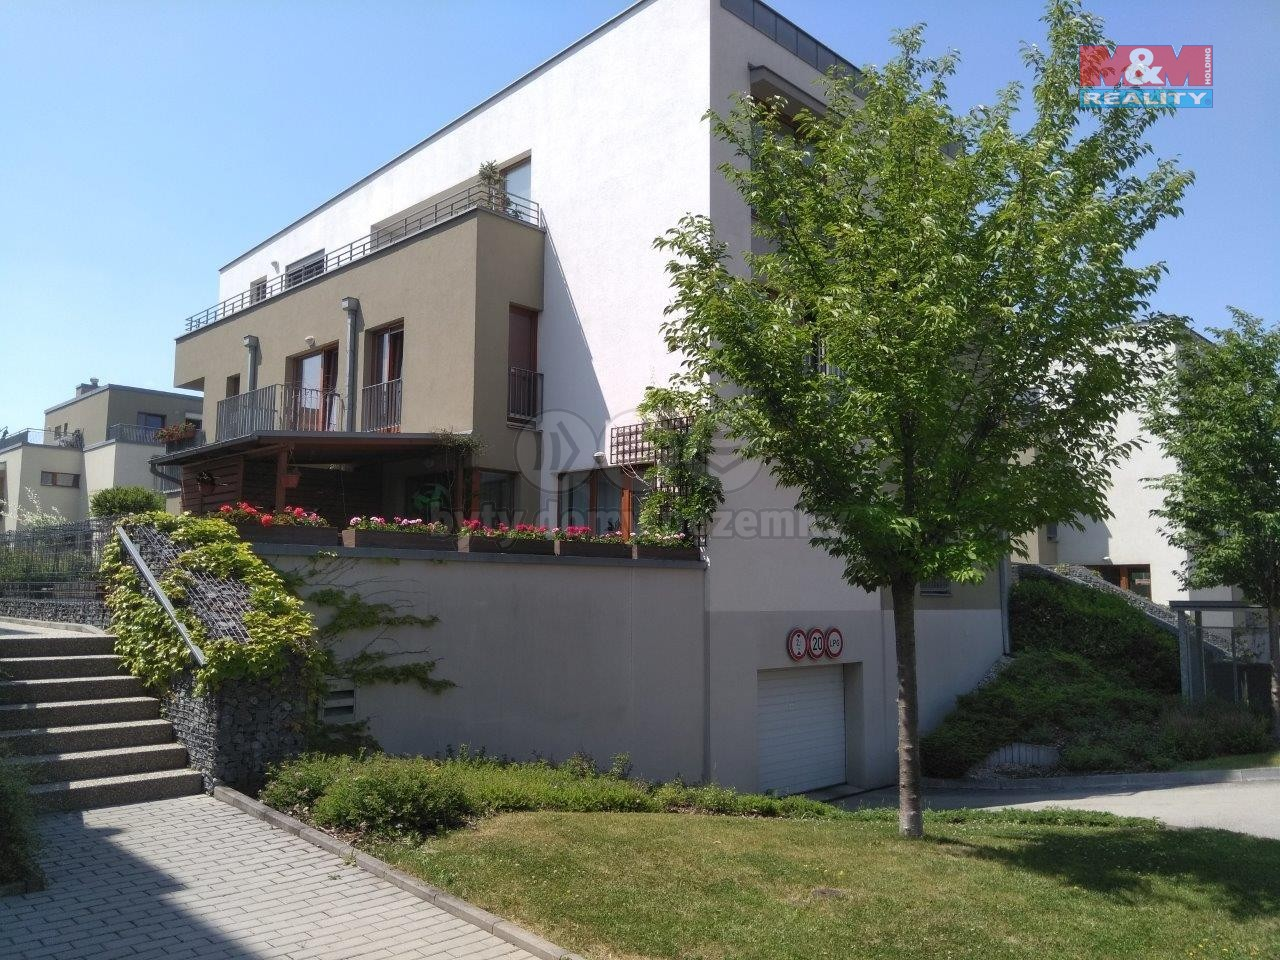 Pronájem, 2+kk, garáž, předzahrádka 55+80 m²,Neužilova